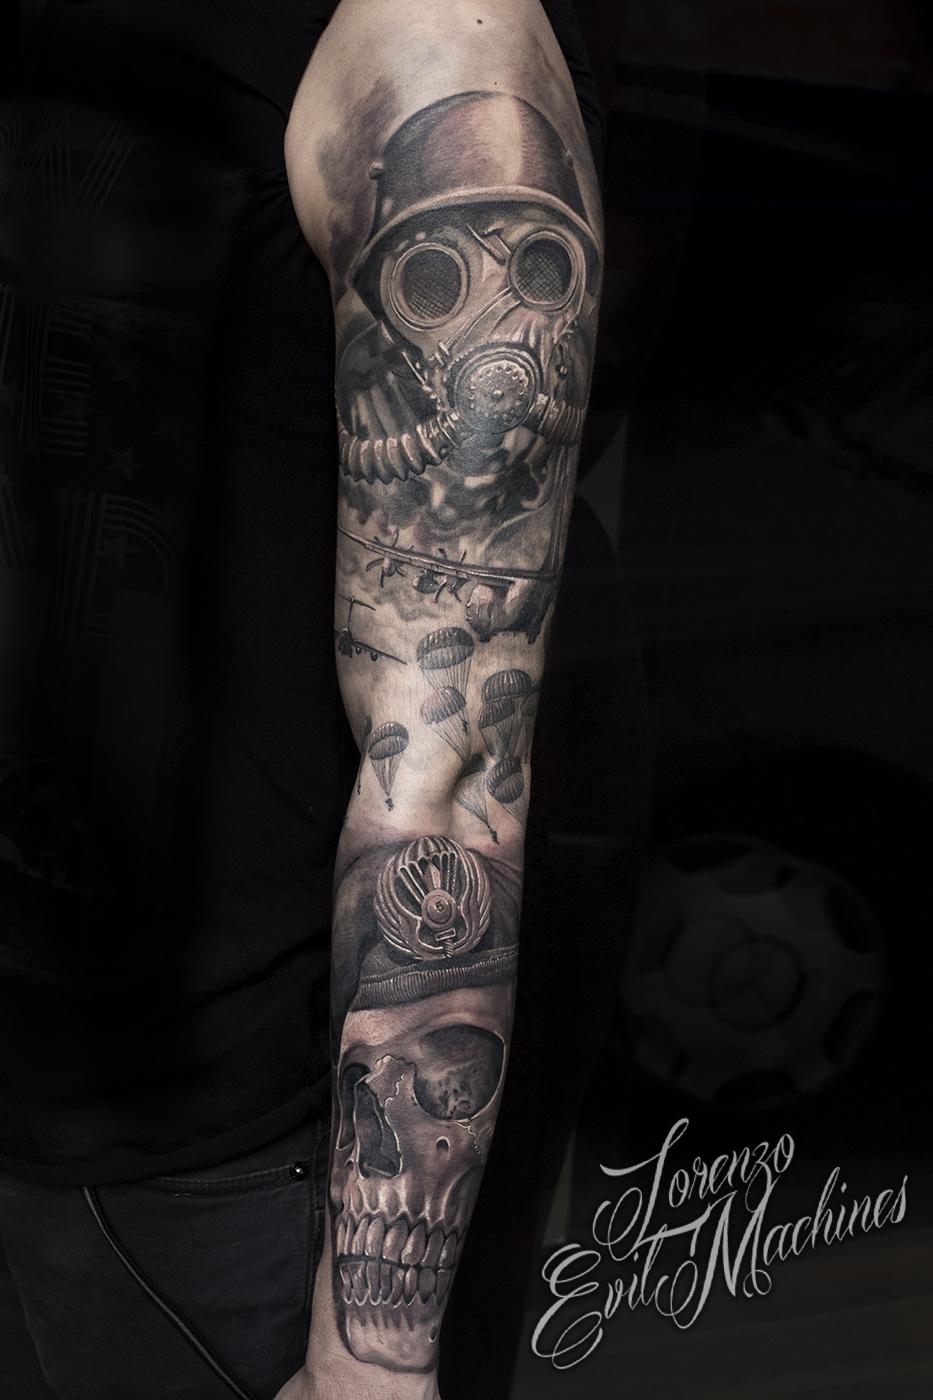 Parà_teschio_antigas_black_and_gray_Lorenzo_Evil_Machines_Tattoo_tatuaggi_realistici_Roma_sito_best_migliore